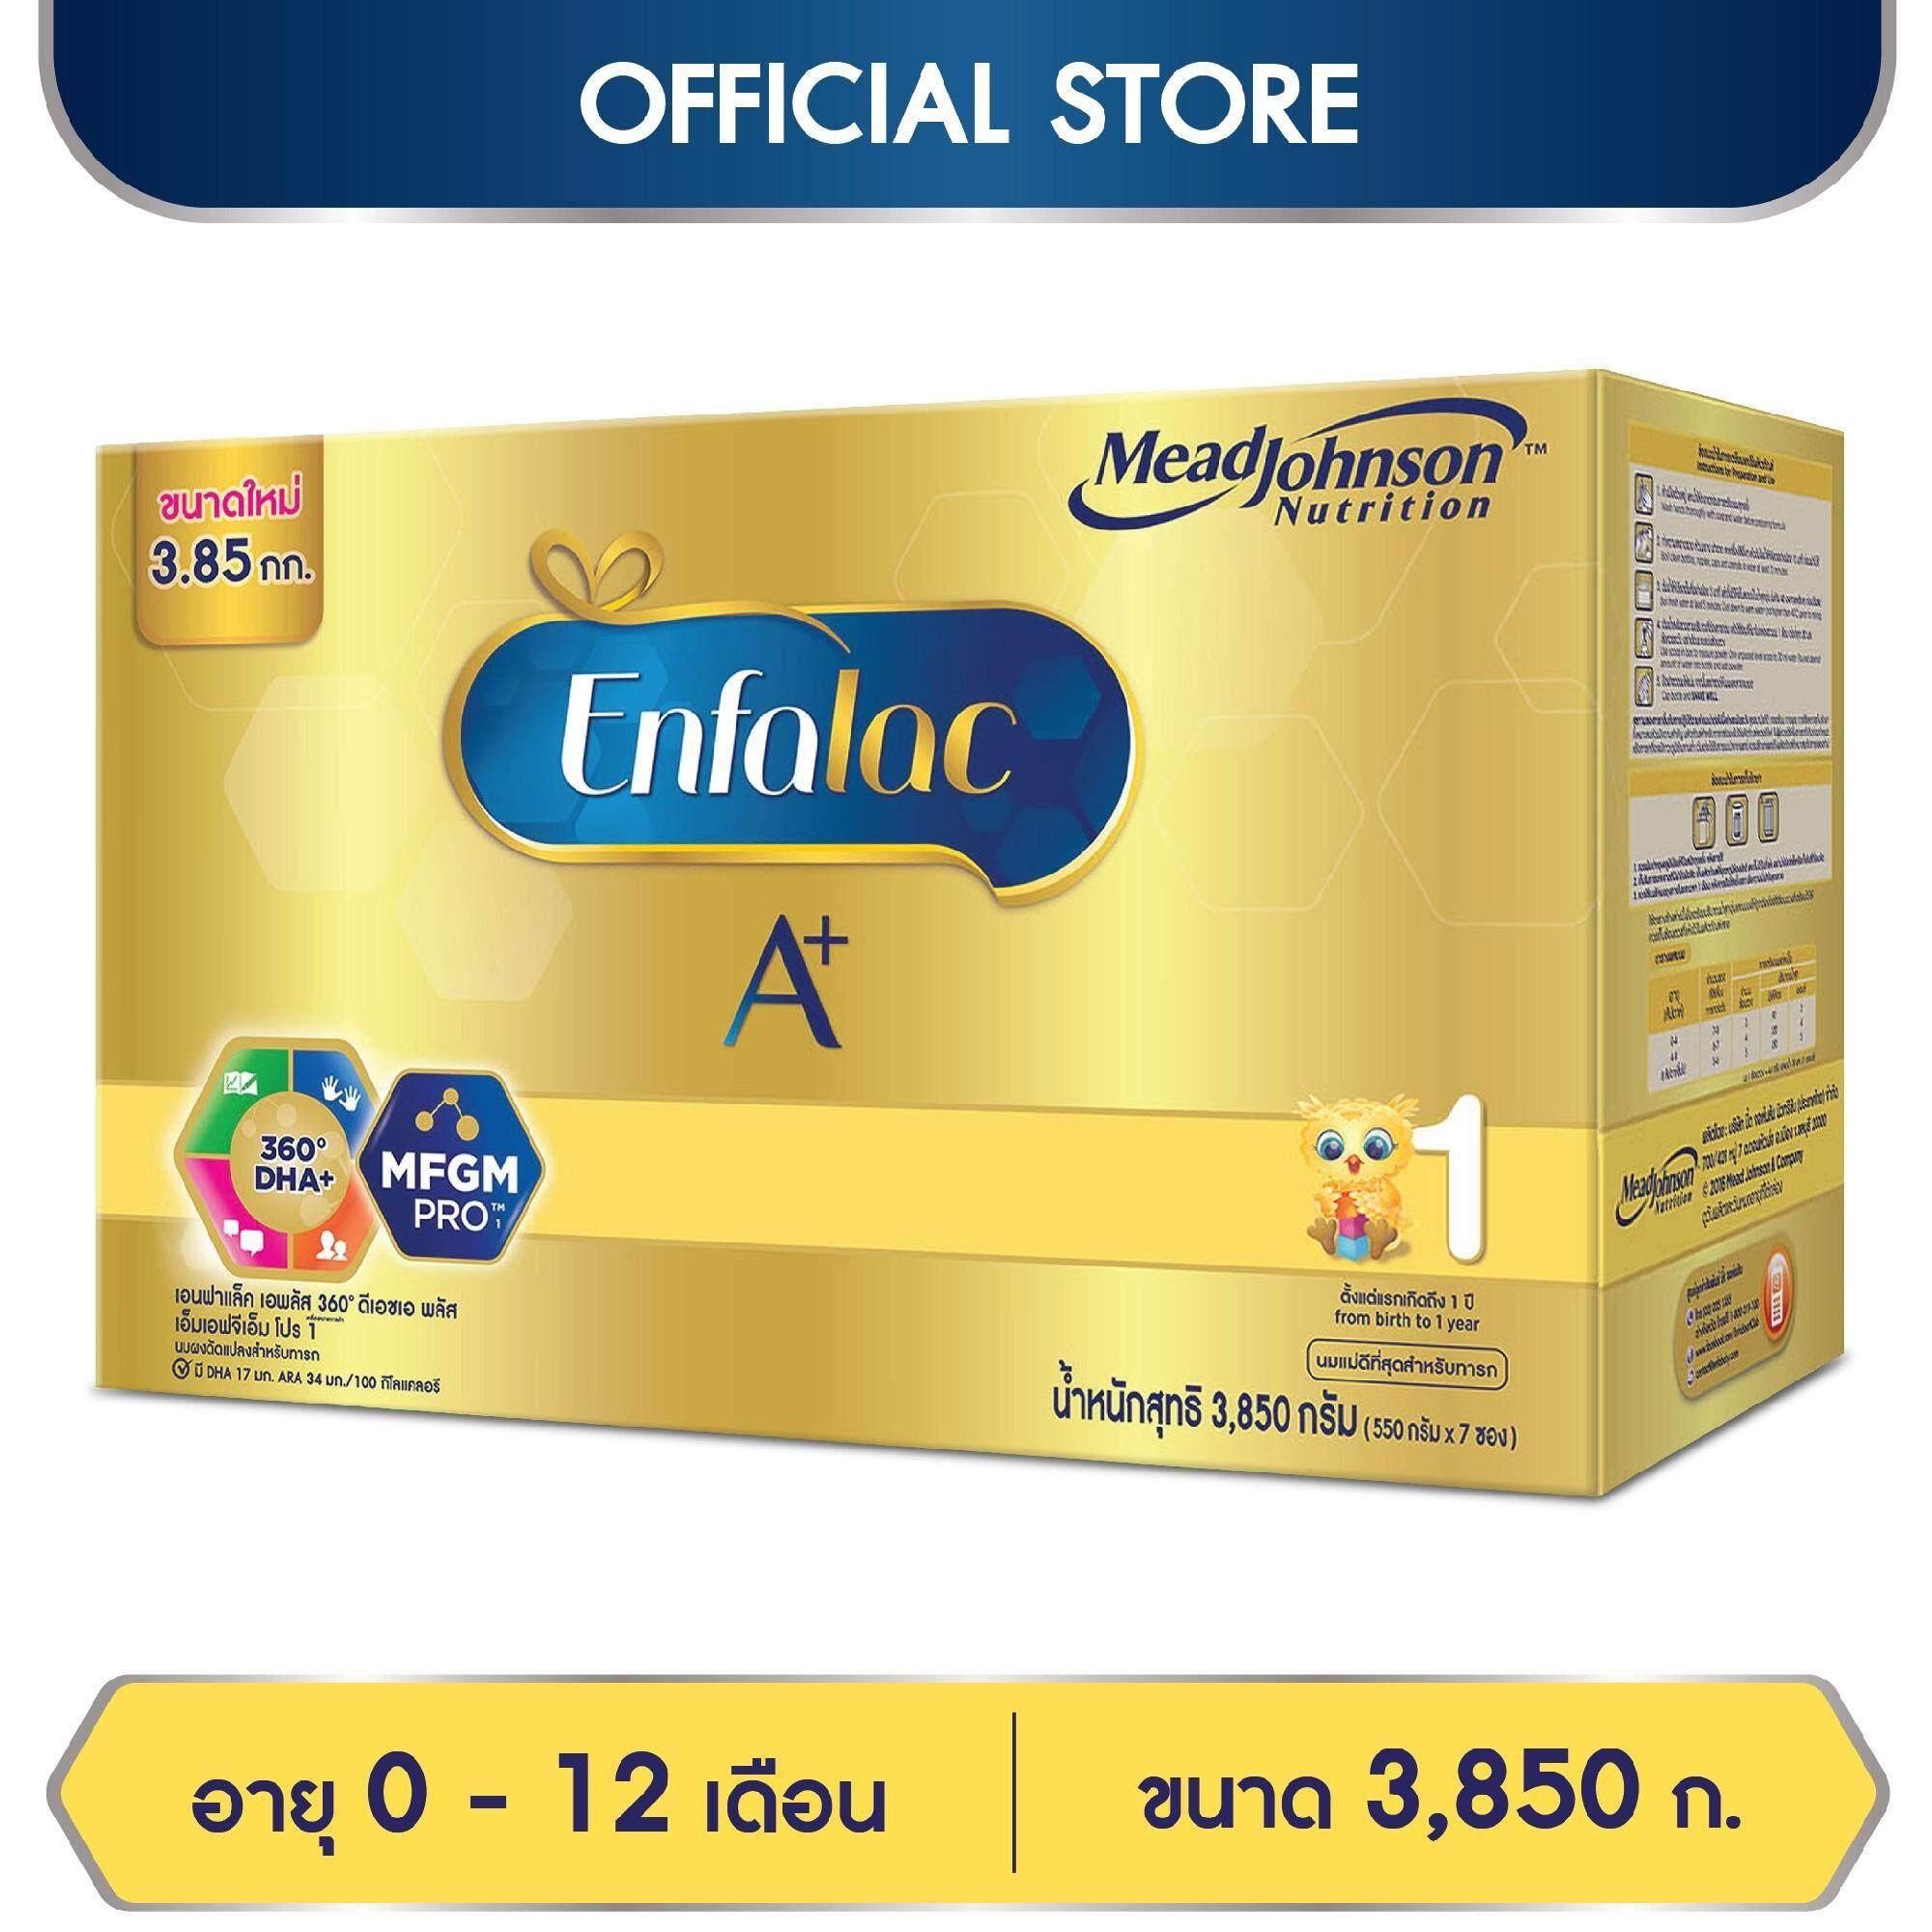 ซื้อของราคาถูก  นมผง Enfalac เอนฟาแล็ค เอพลัส สูตร 1 สำหรับ ทารก เด็กแรกเกิด เด็กเล็ก 3850 กรัม   รีวิวสินค้า ของแท้